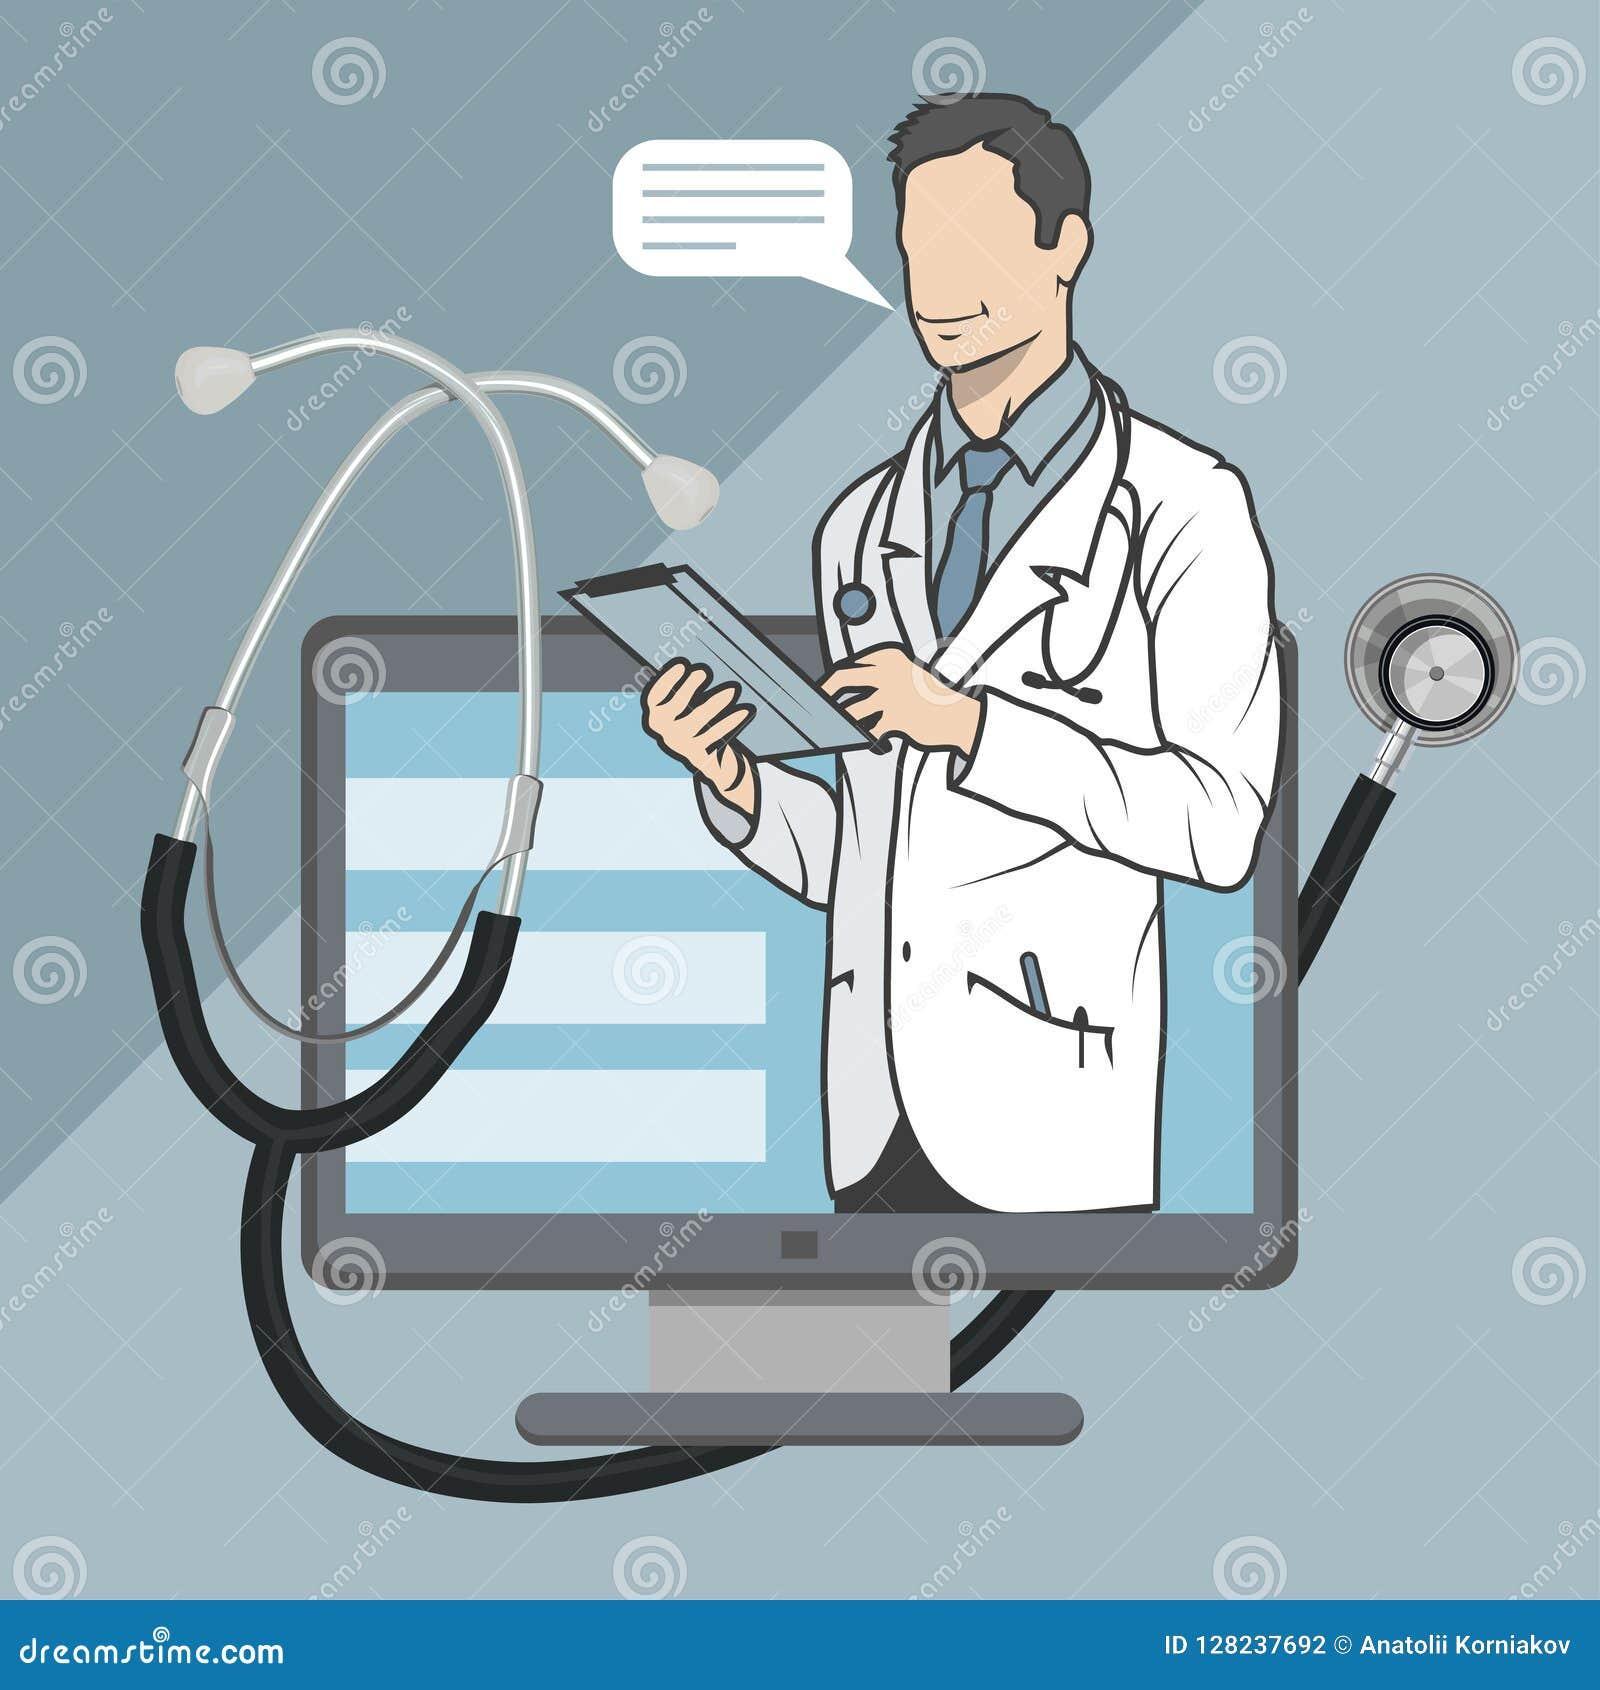 Médecin en ligne, consultation en ligne et appui, emblème mobile de médecine, icône, symbole, illustration, vecteur, docteur en l